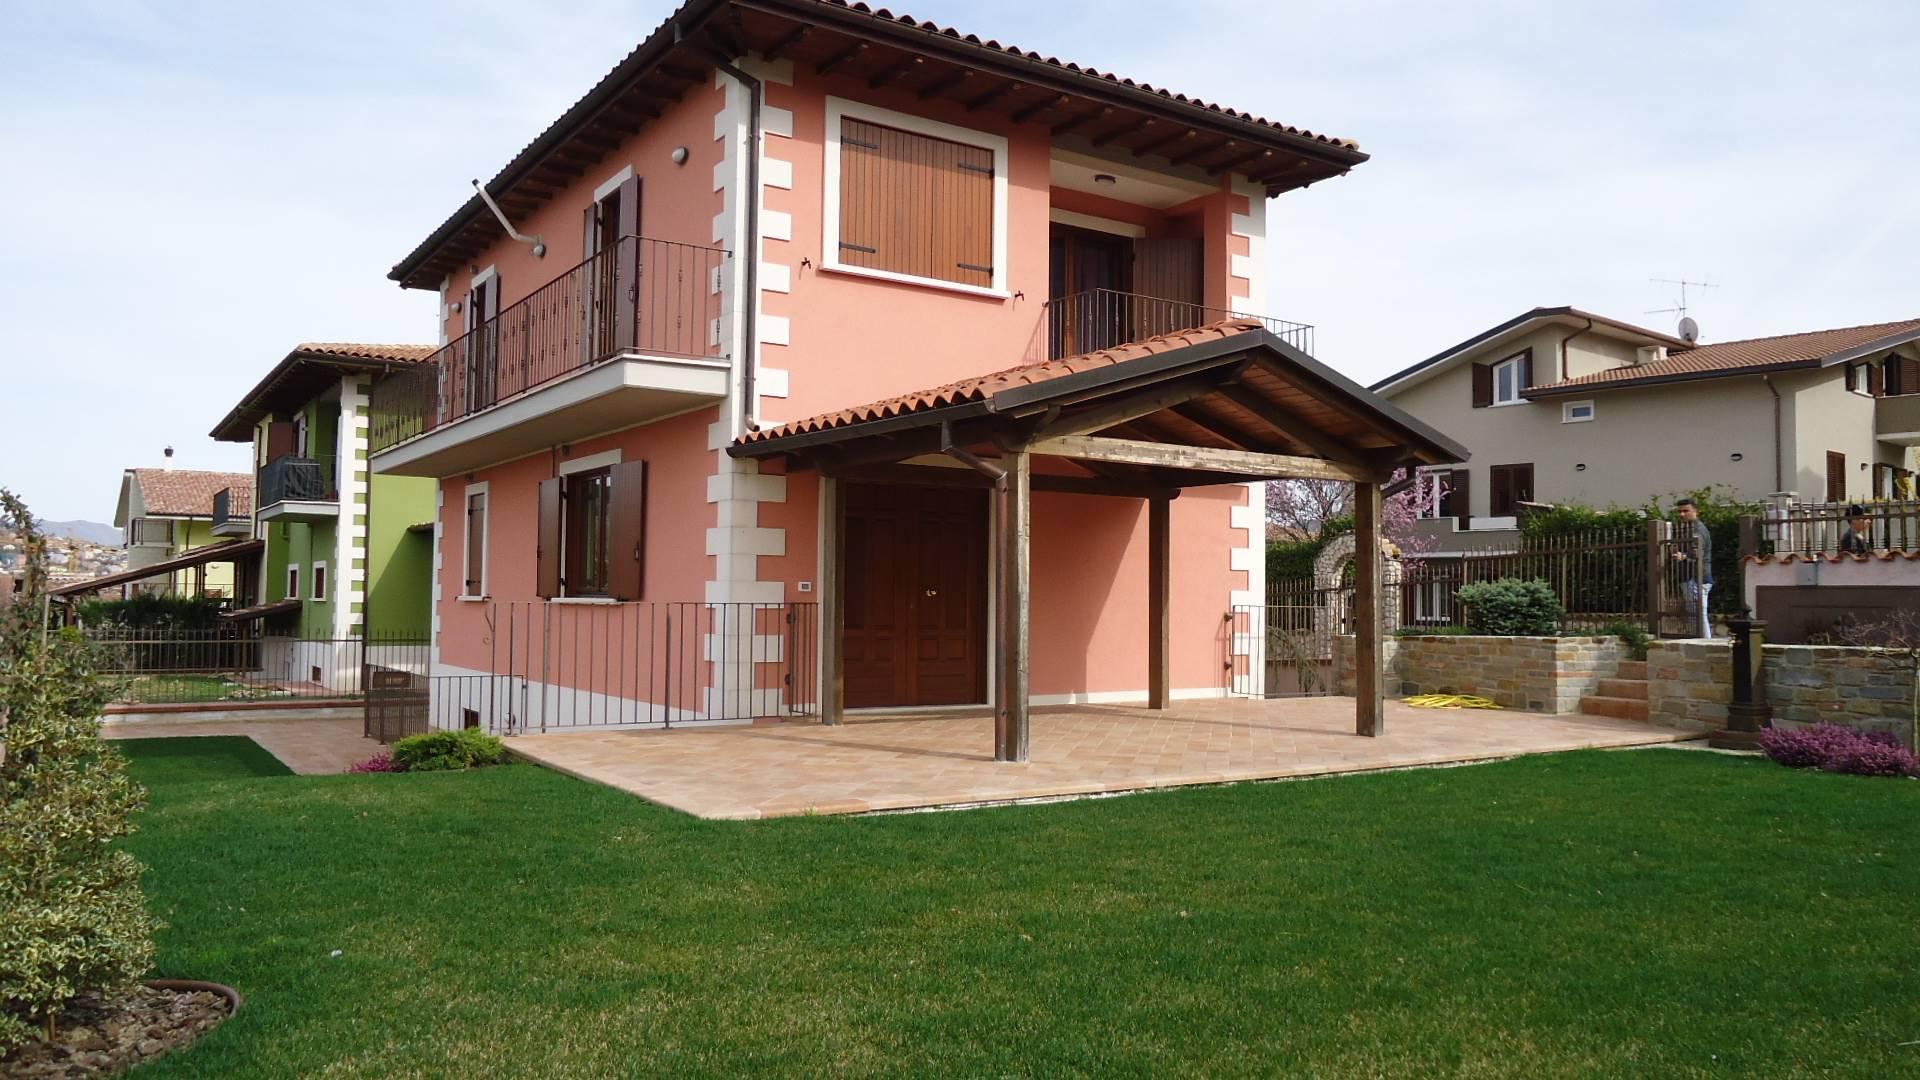 Villa in vendita a L'Aquila, 5 locali, prezzo € 330.000 | CambioCasa.it